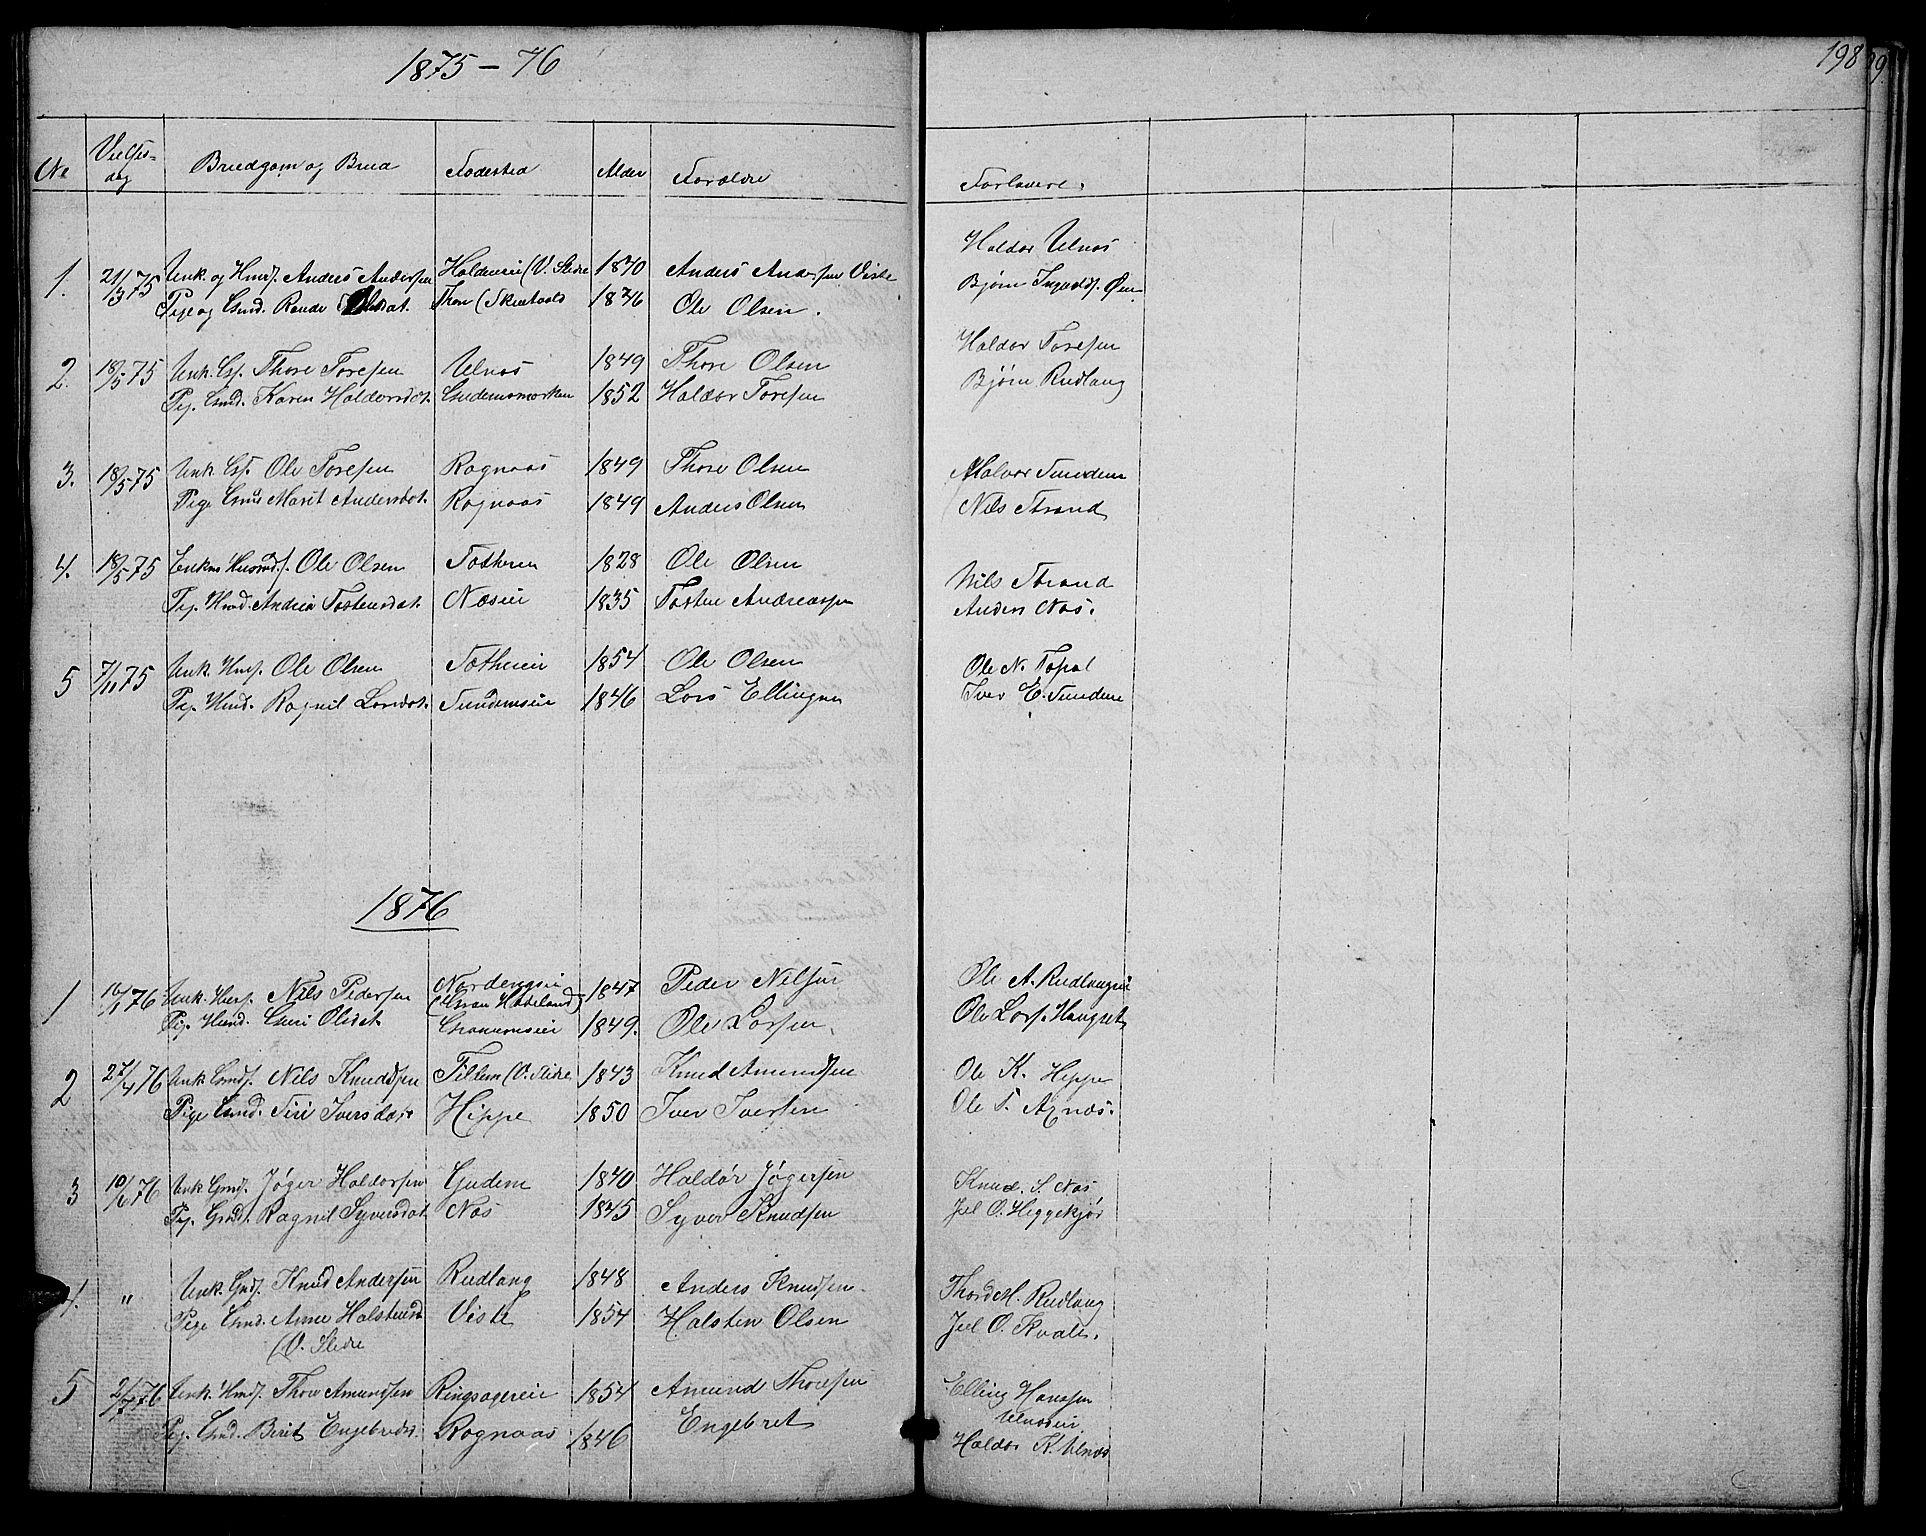 SAH, Nord-Aurdal prestekontor, Klokkerbok nr. 4, 1842-1882, s. 198